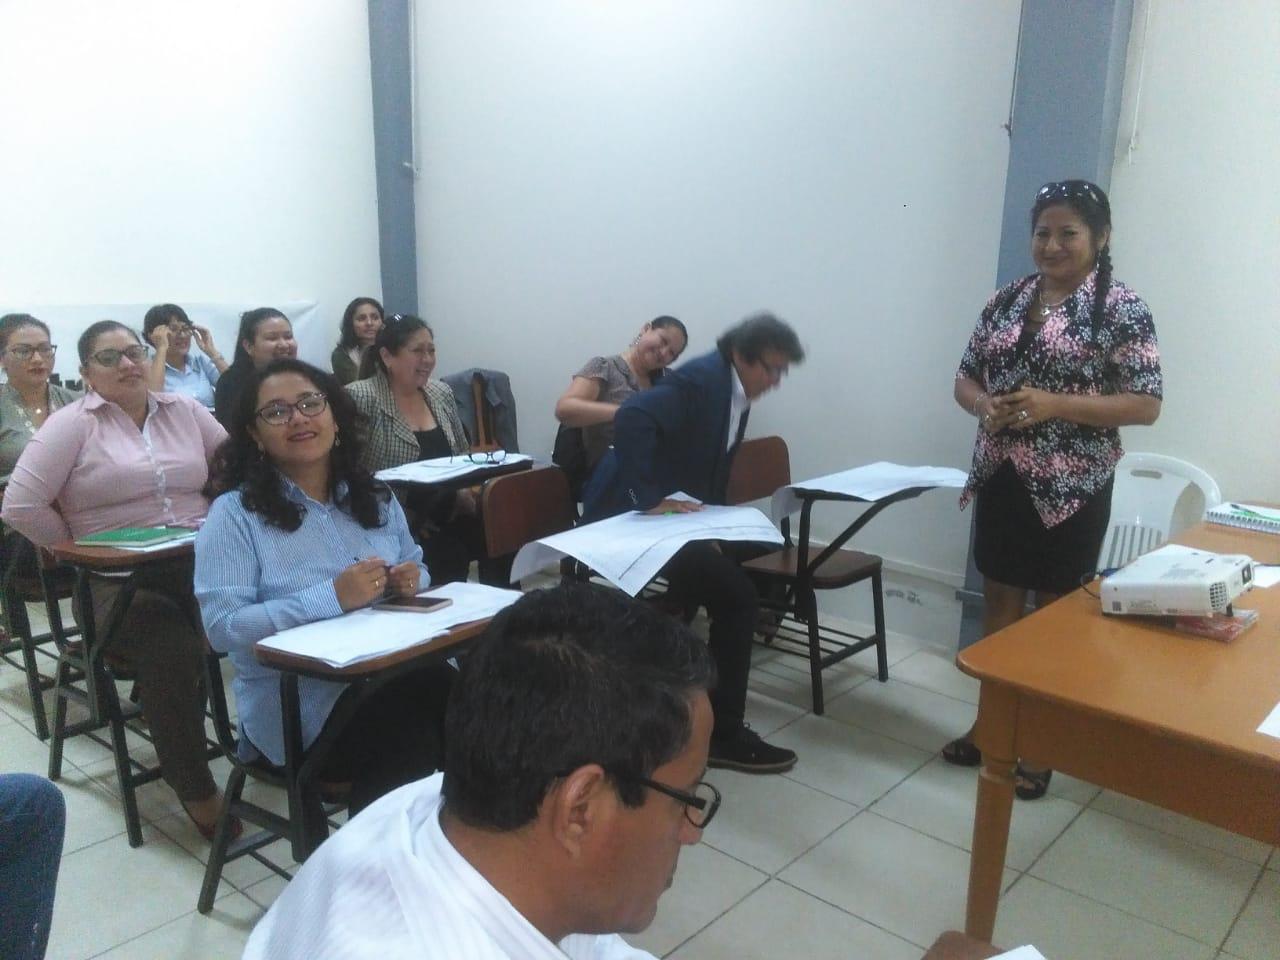 Reunión con Jefes Zonales de Tocache, Juanjui, Tarapoto y personal de la Dirección de Trabajo y Promoción y Empleo San Martín